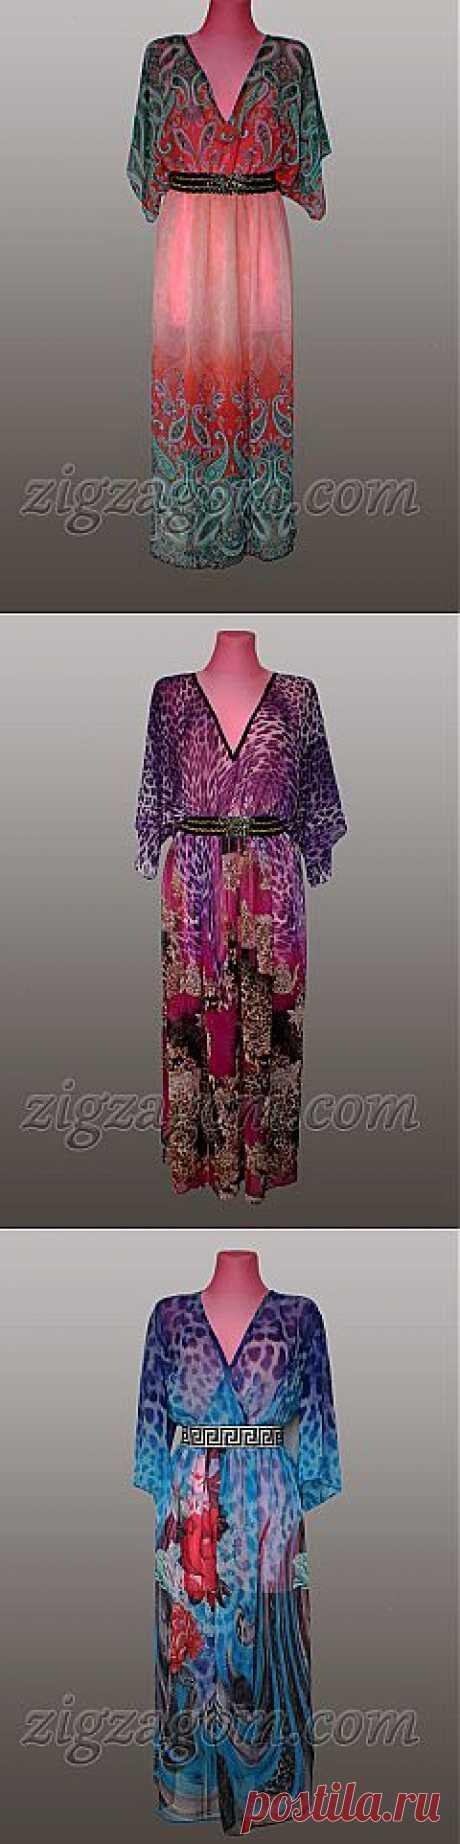 Длинное платье из шифона своими руками | Зигзагом.com